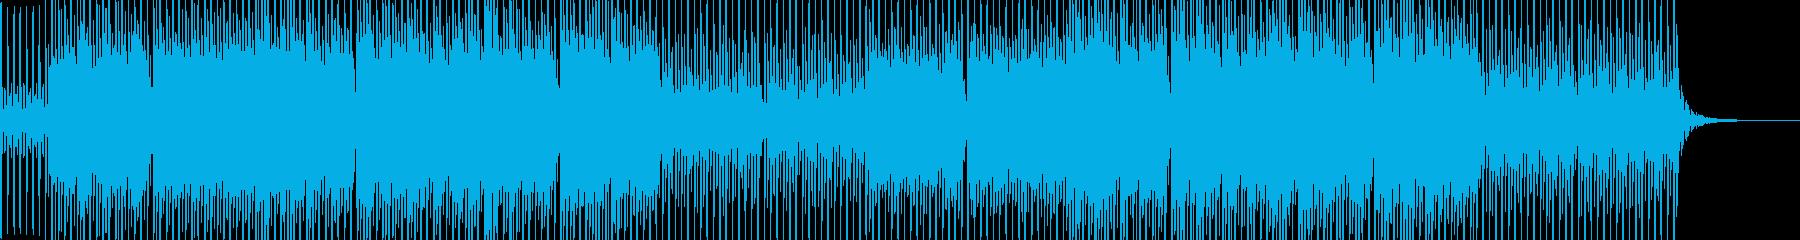 ピアノ ストリング シンセ 爽やかBGMの再生済みの波形